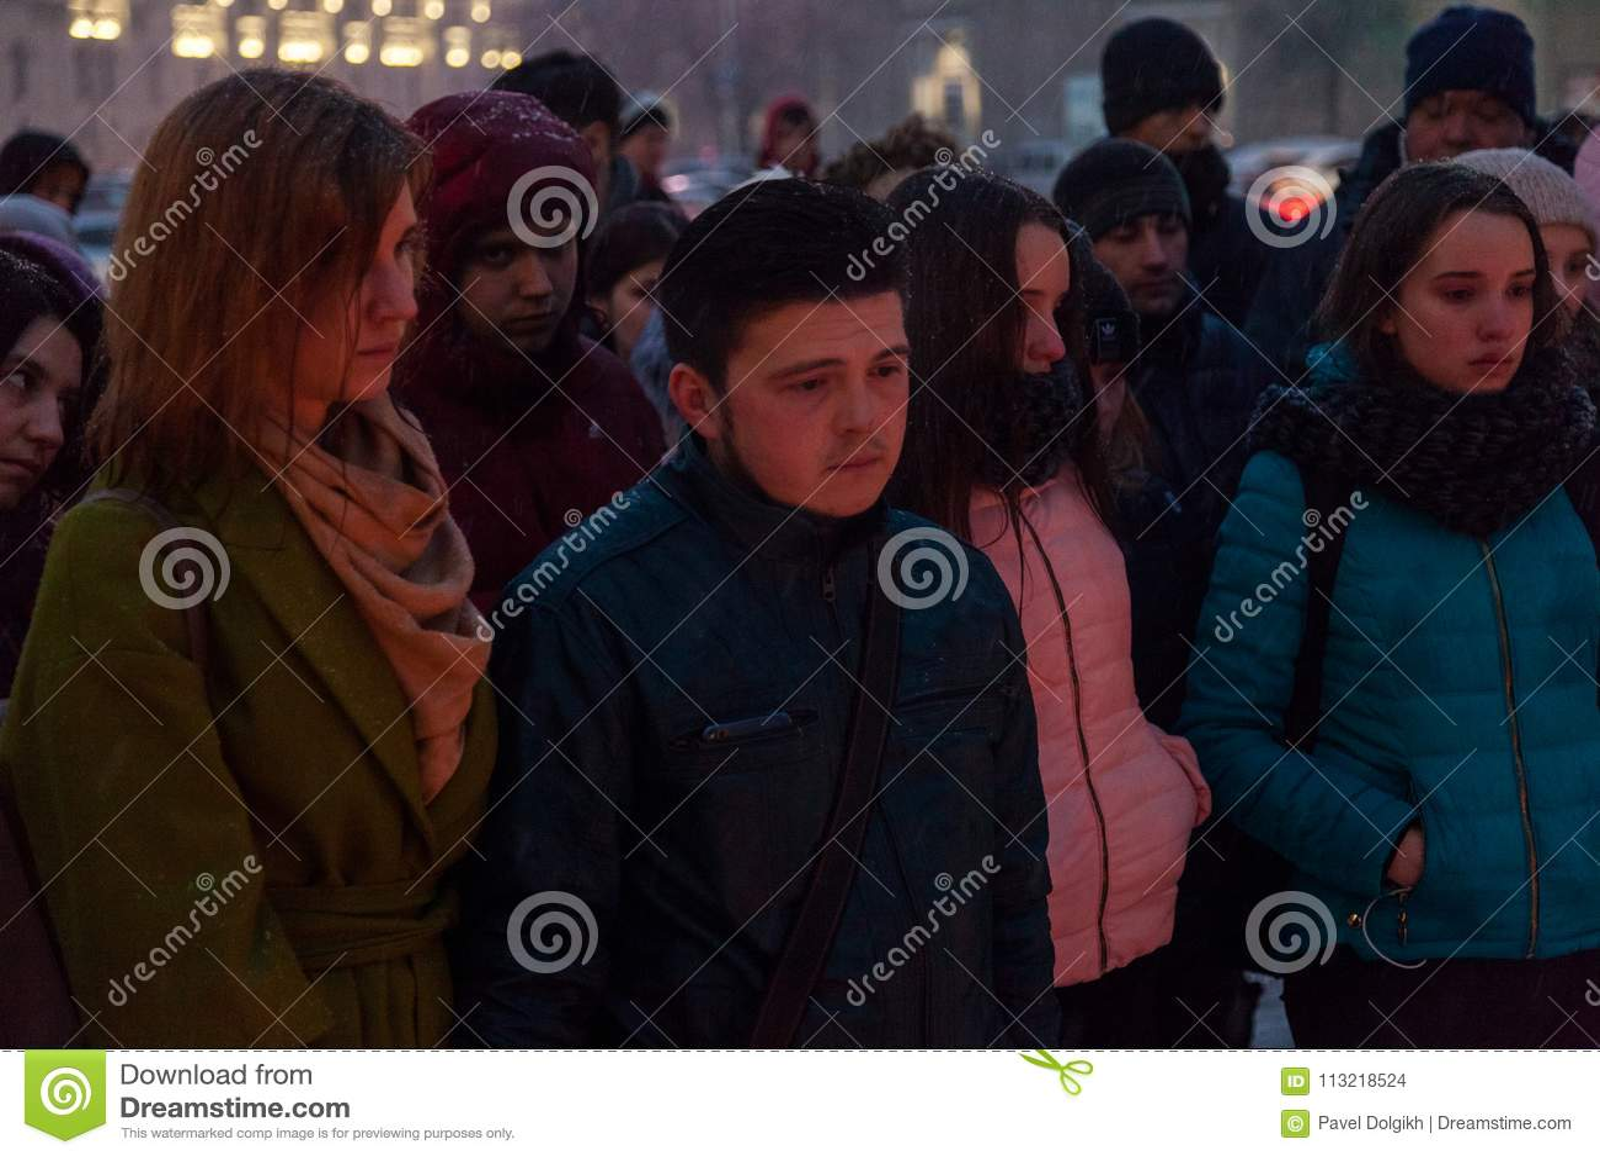 27 de marzo de 2018, RUSIA, VORONEZH: La acción de conmemorar a las víctimas del fuego en el centro comercial en Kemerovo